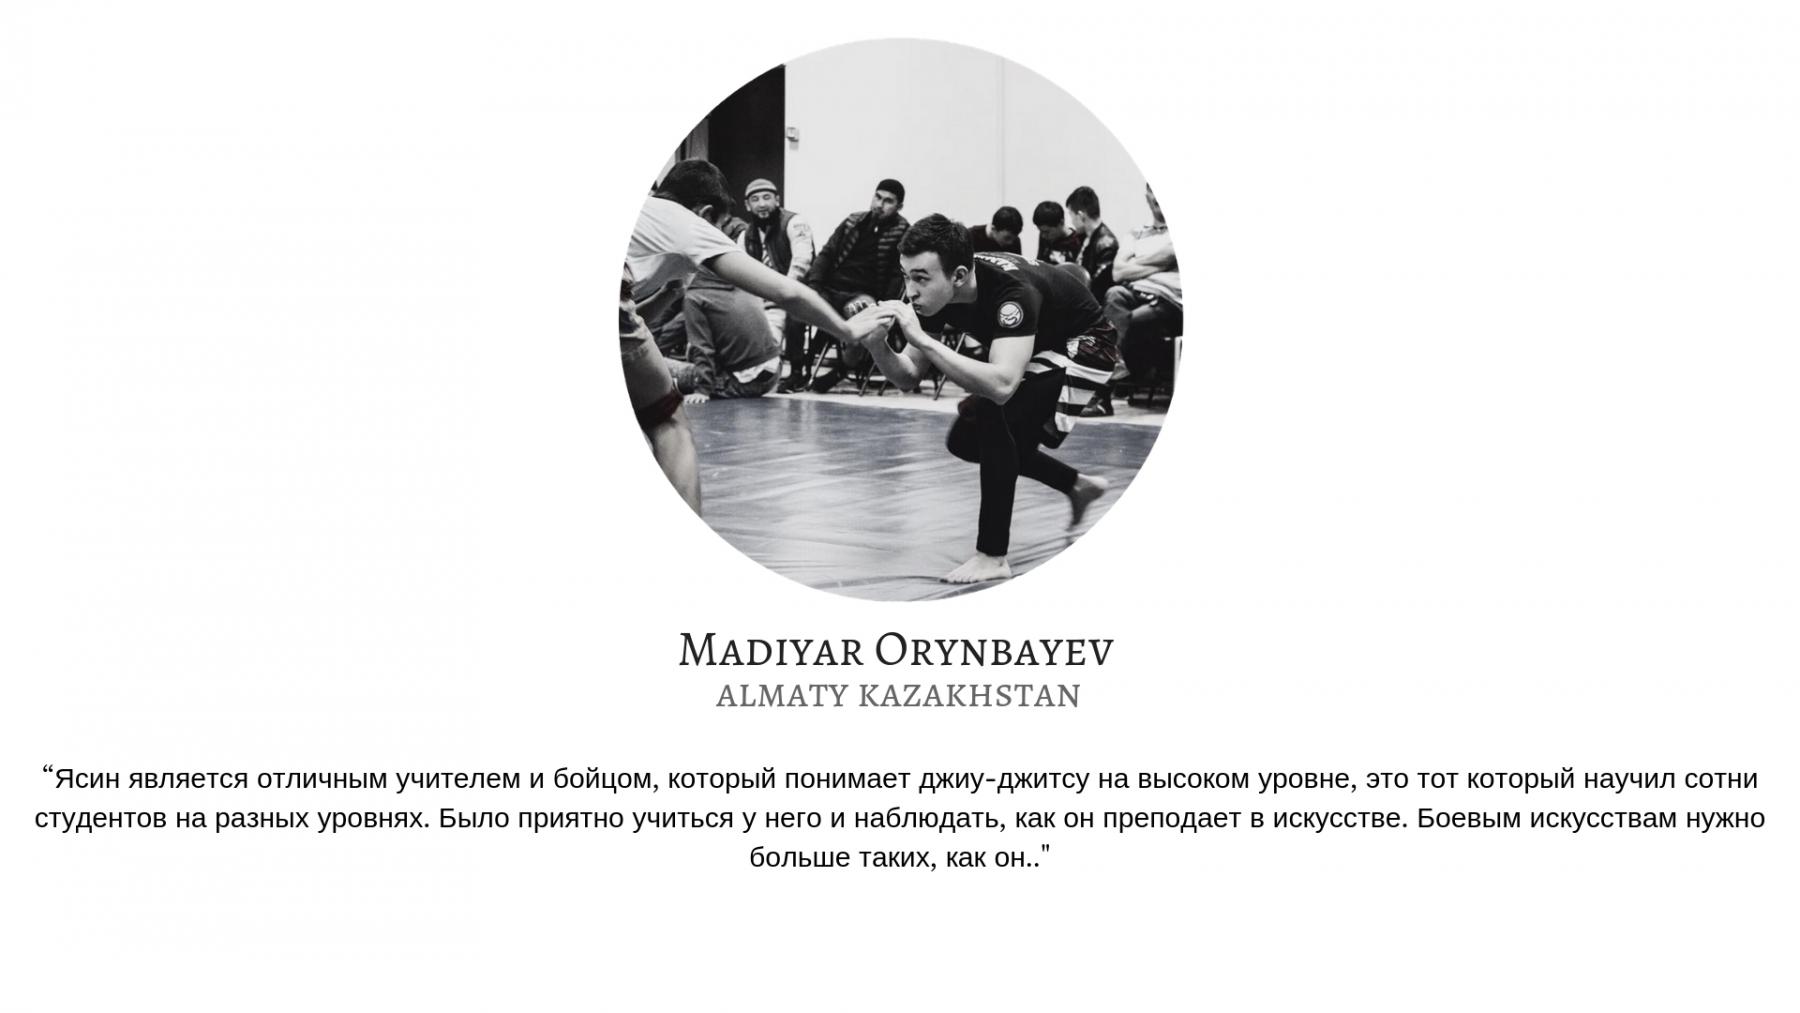 Madiyar yasin ozkan mma bjj izmir jiujitsu muay thai fitness pt